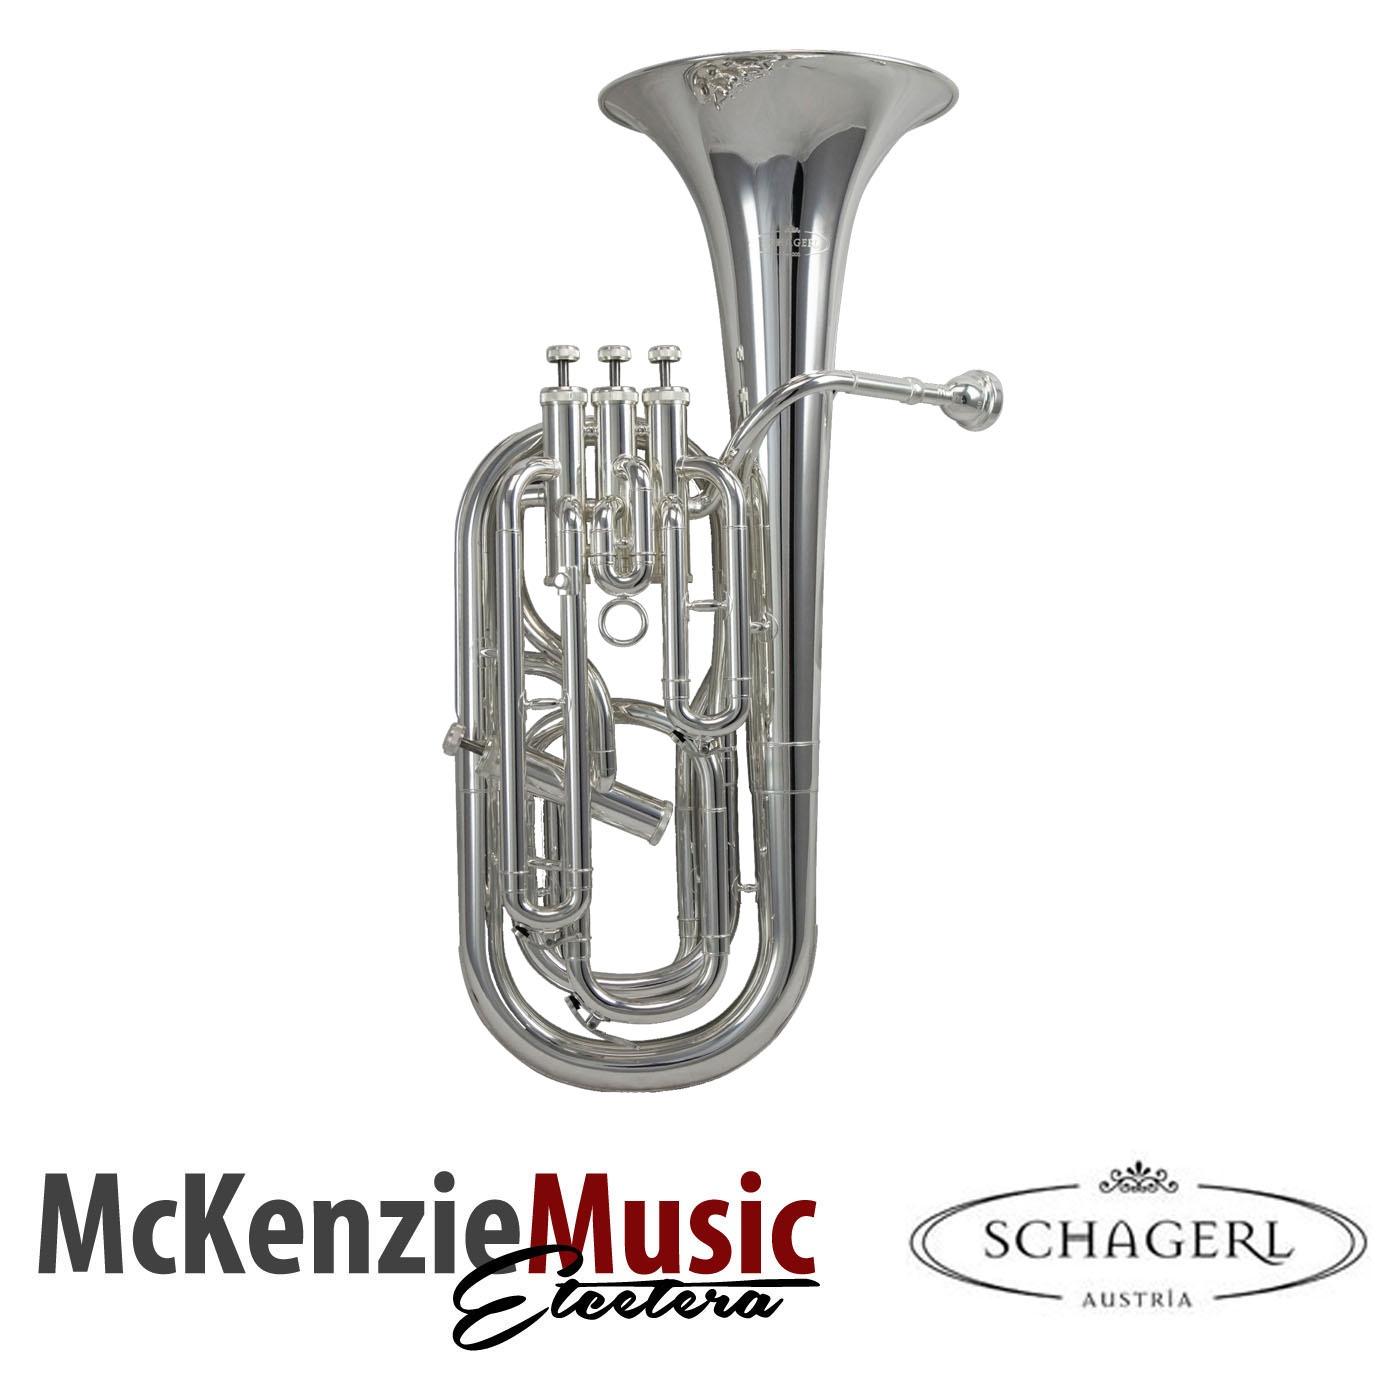 Schagerl Baritone Horn 900S